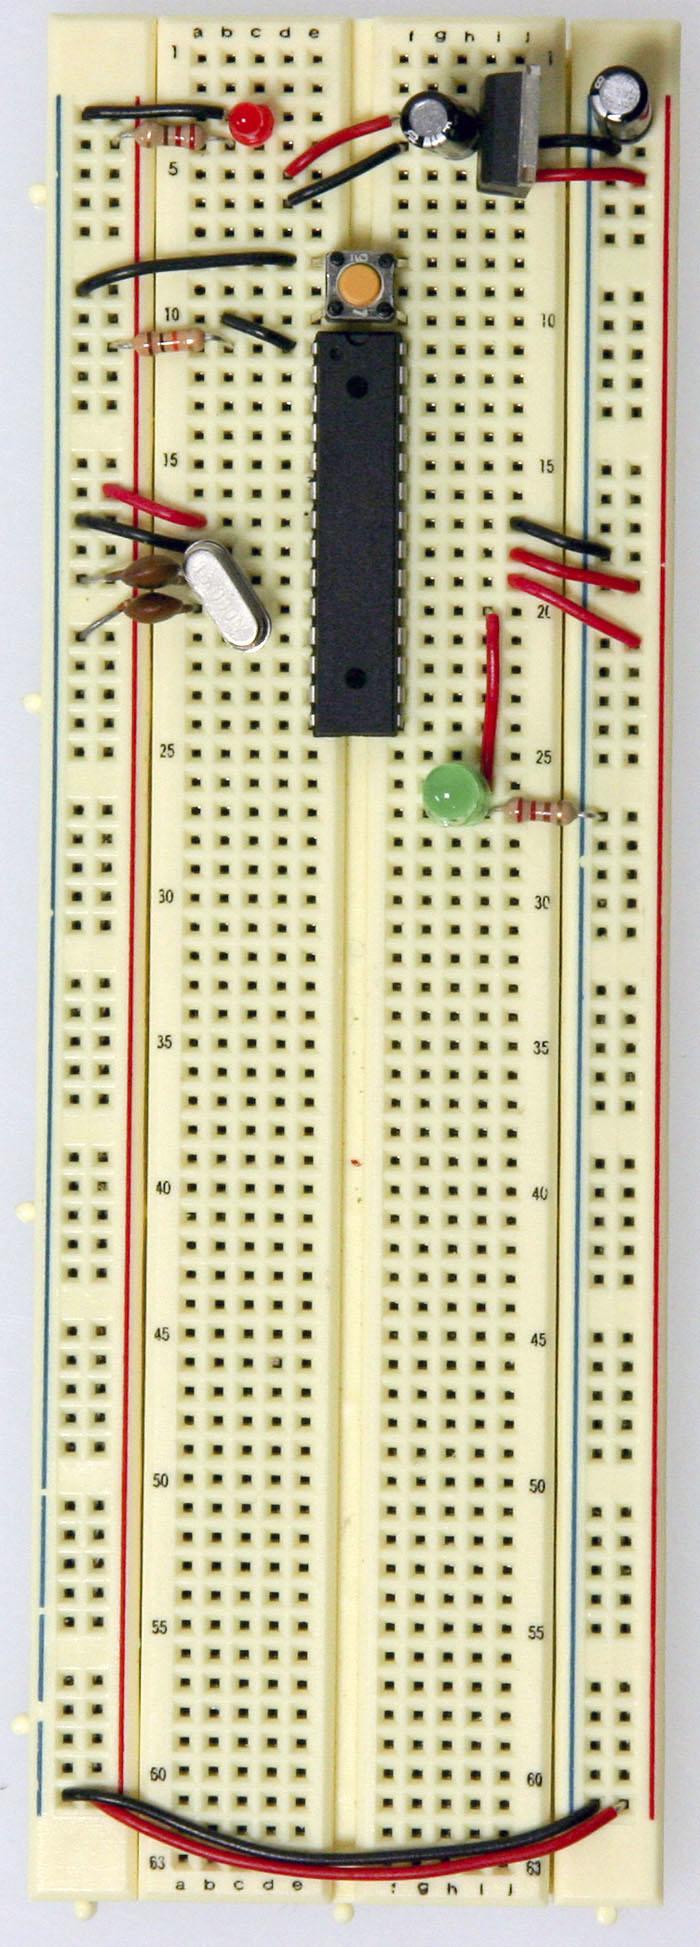 Arduino-Ready!